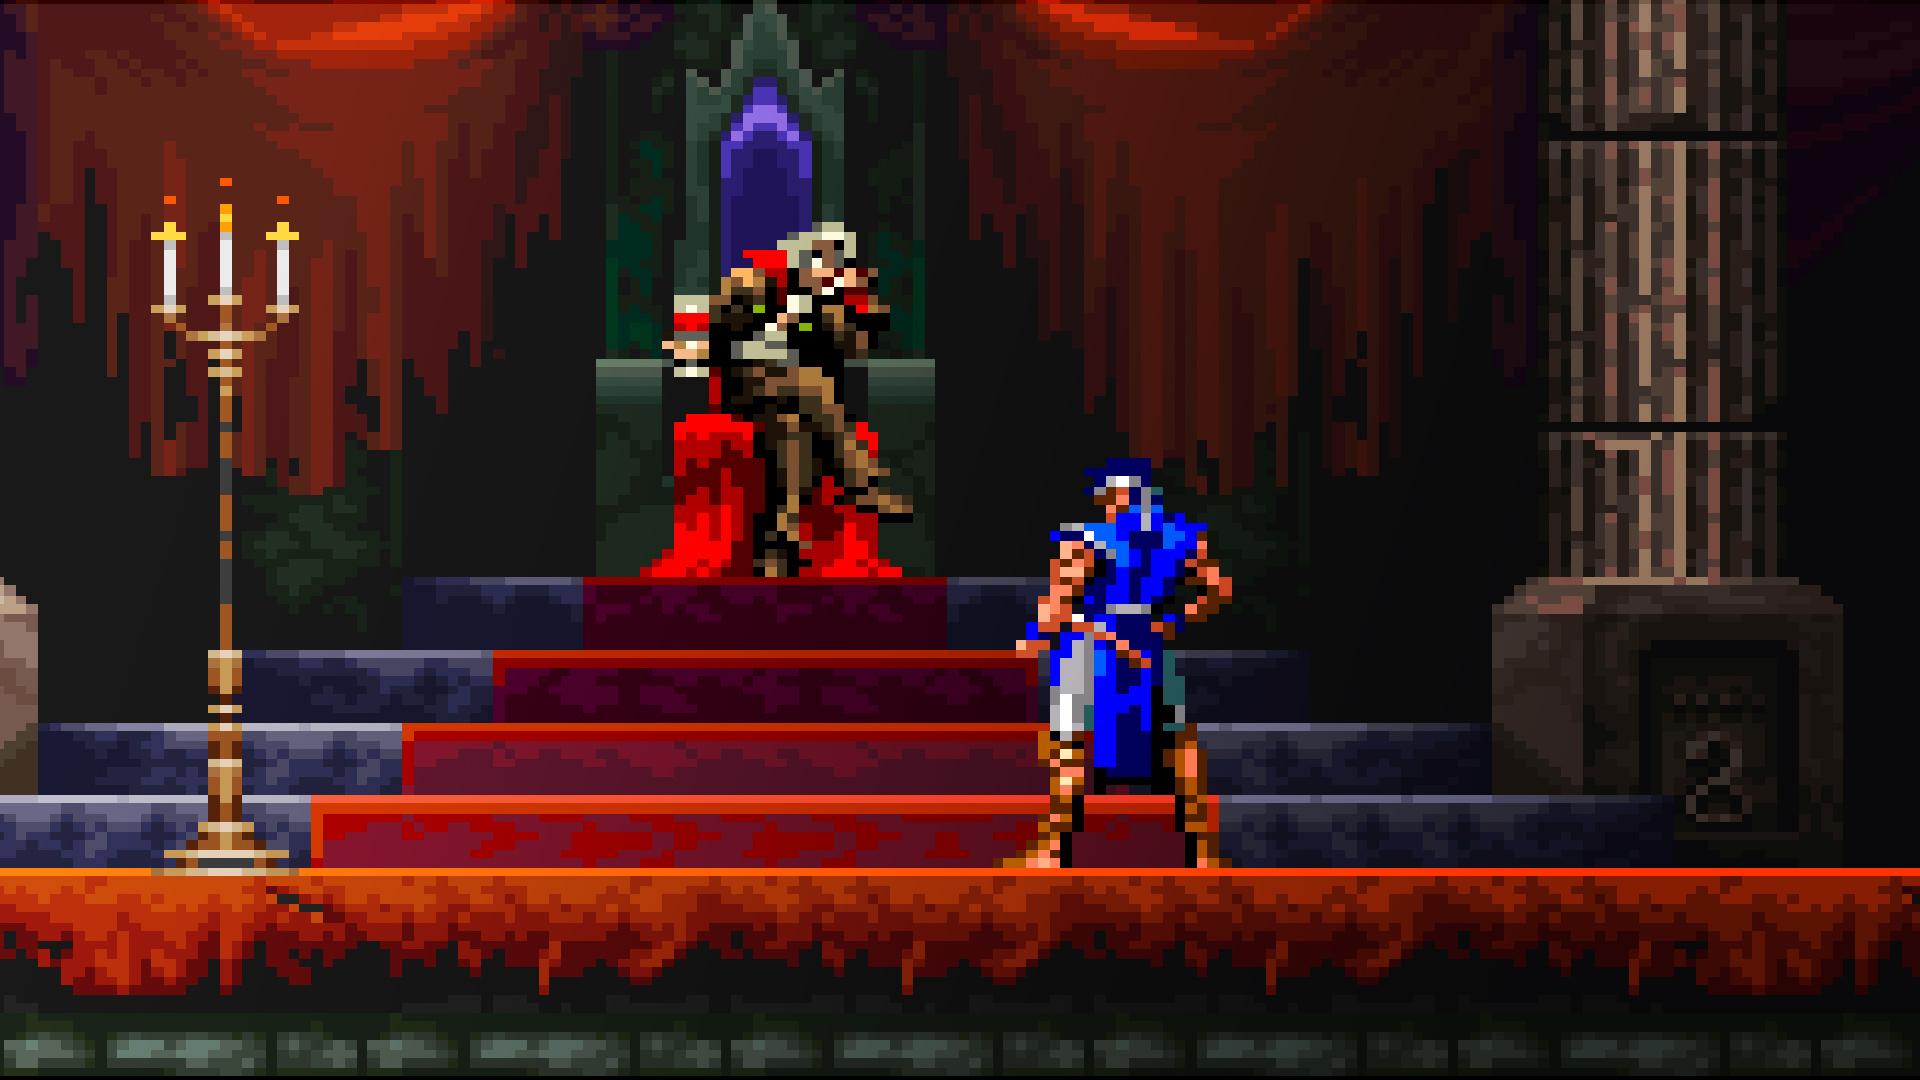 Wallpaper Pixel Art Video Games Retro Games Castlevania